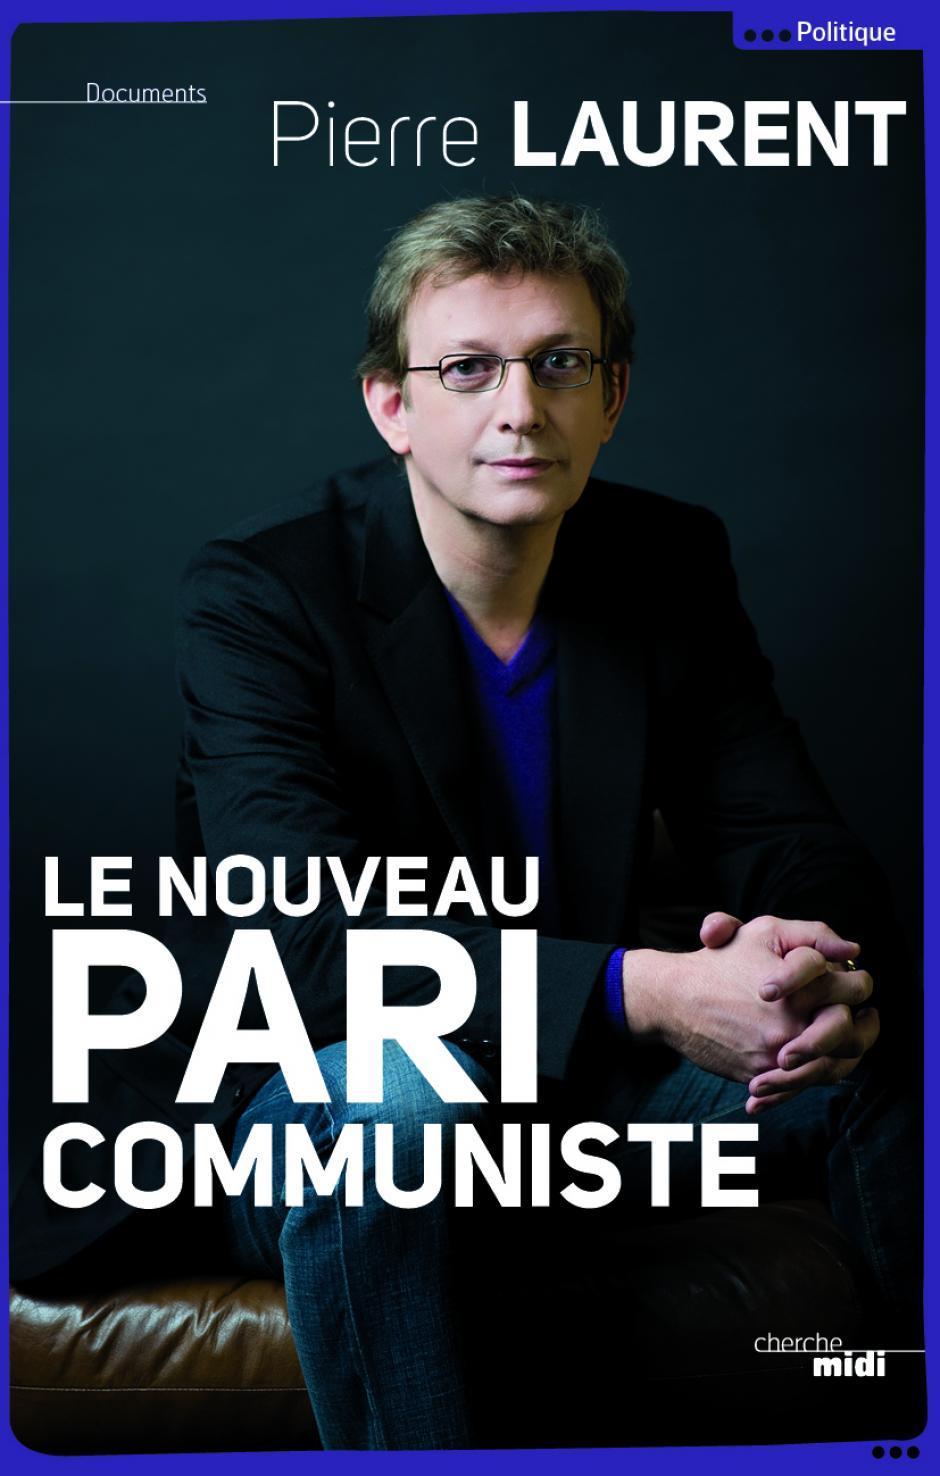 Le nouveau pari communiste. Pierre Laurent